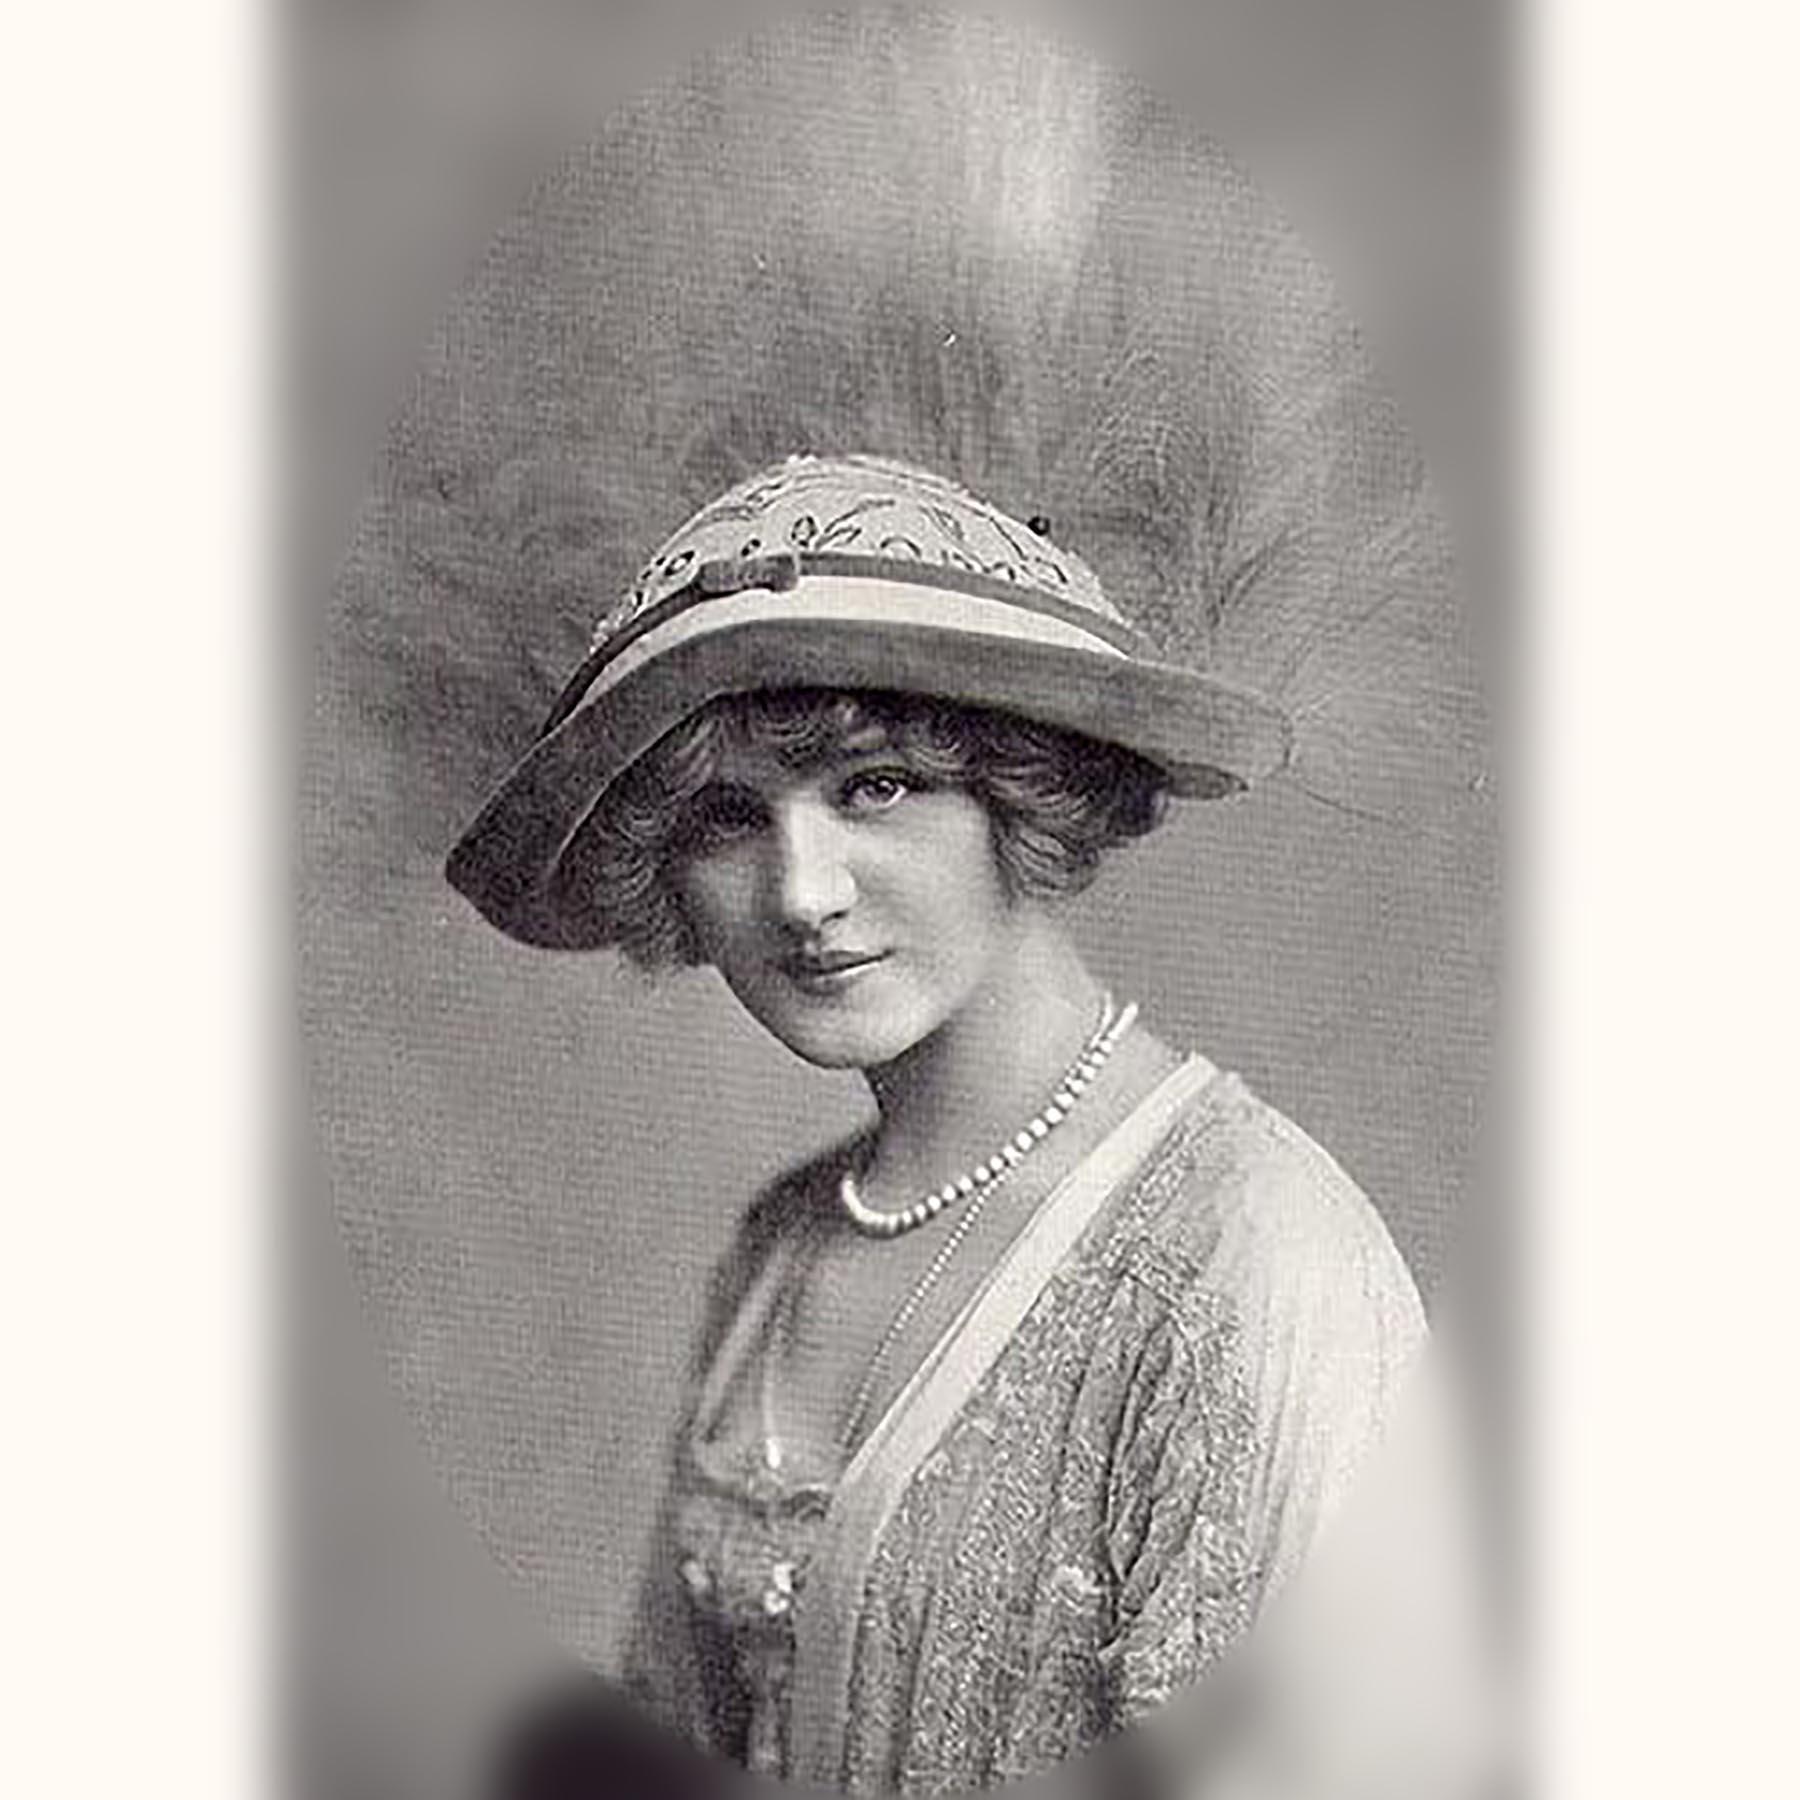 真珠のネックレスを着けた英国女優リリー・エルシー